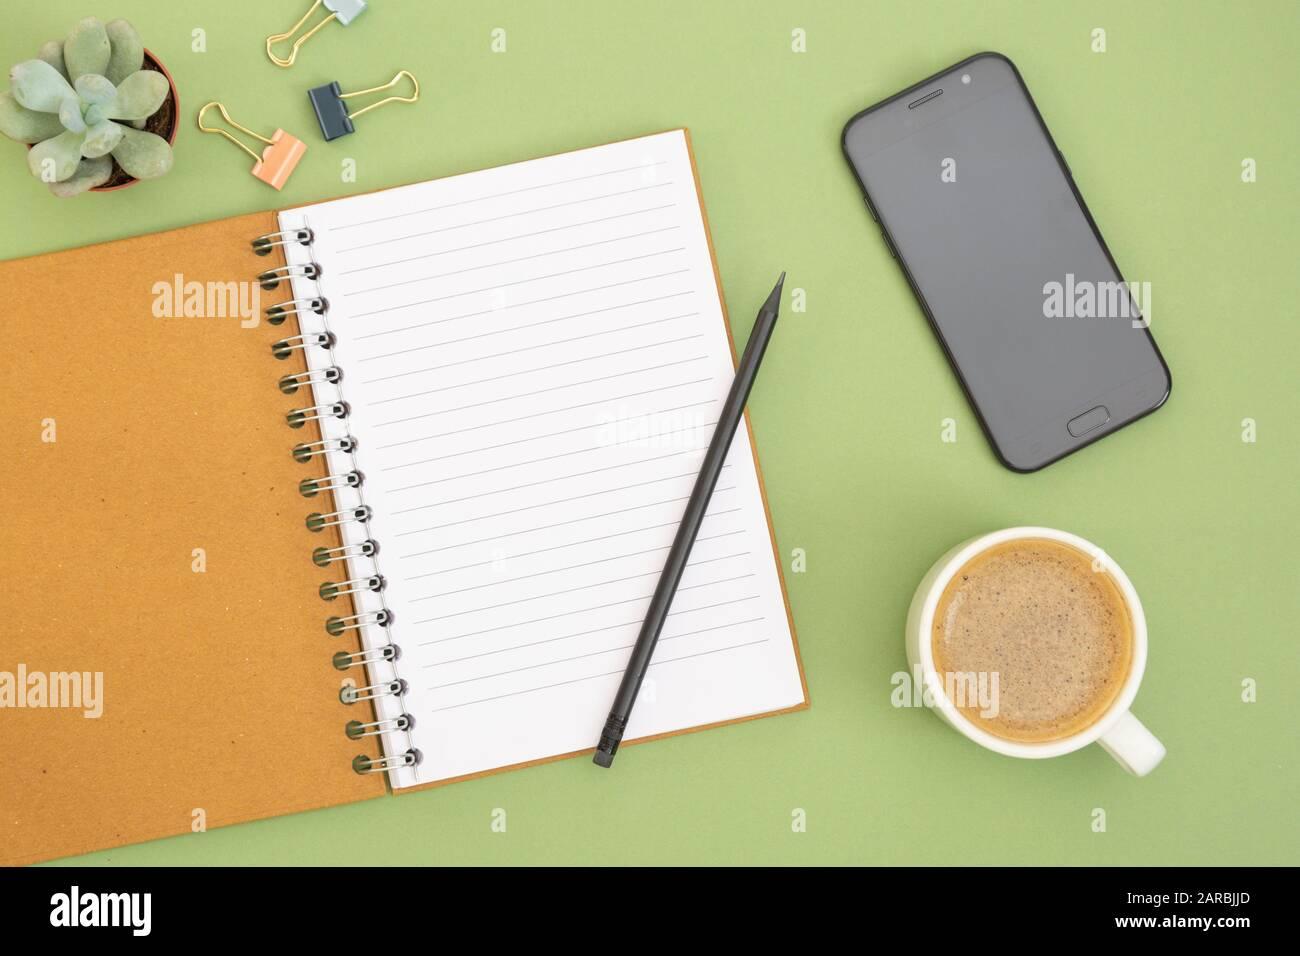 Cuaderno en blanco con página vacía, taza de café y mano sosteniendo un lápiz. Tablero, espacio de trabajo sobre fondo verde. Diseño plano creativo. Foto de stock